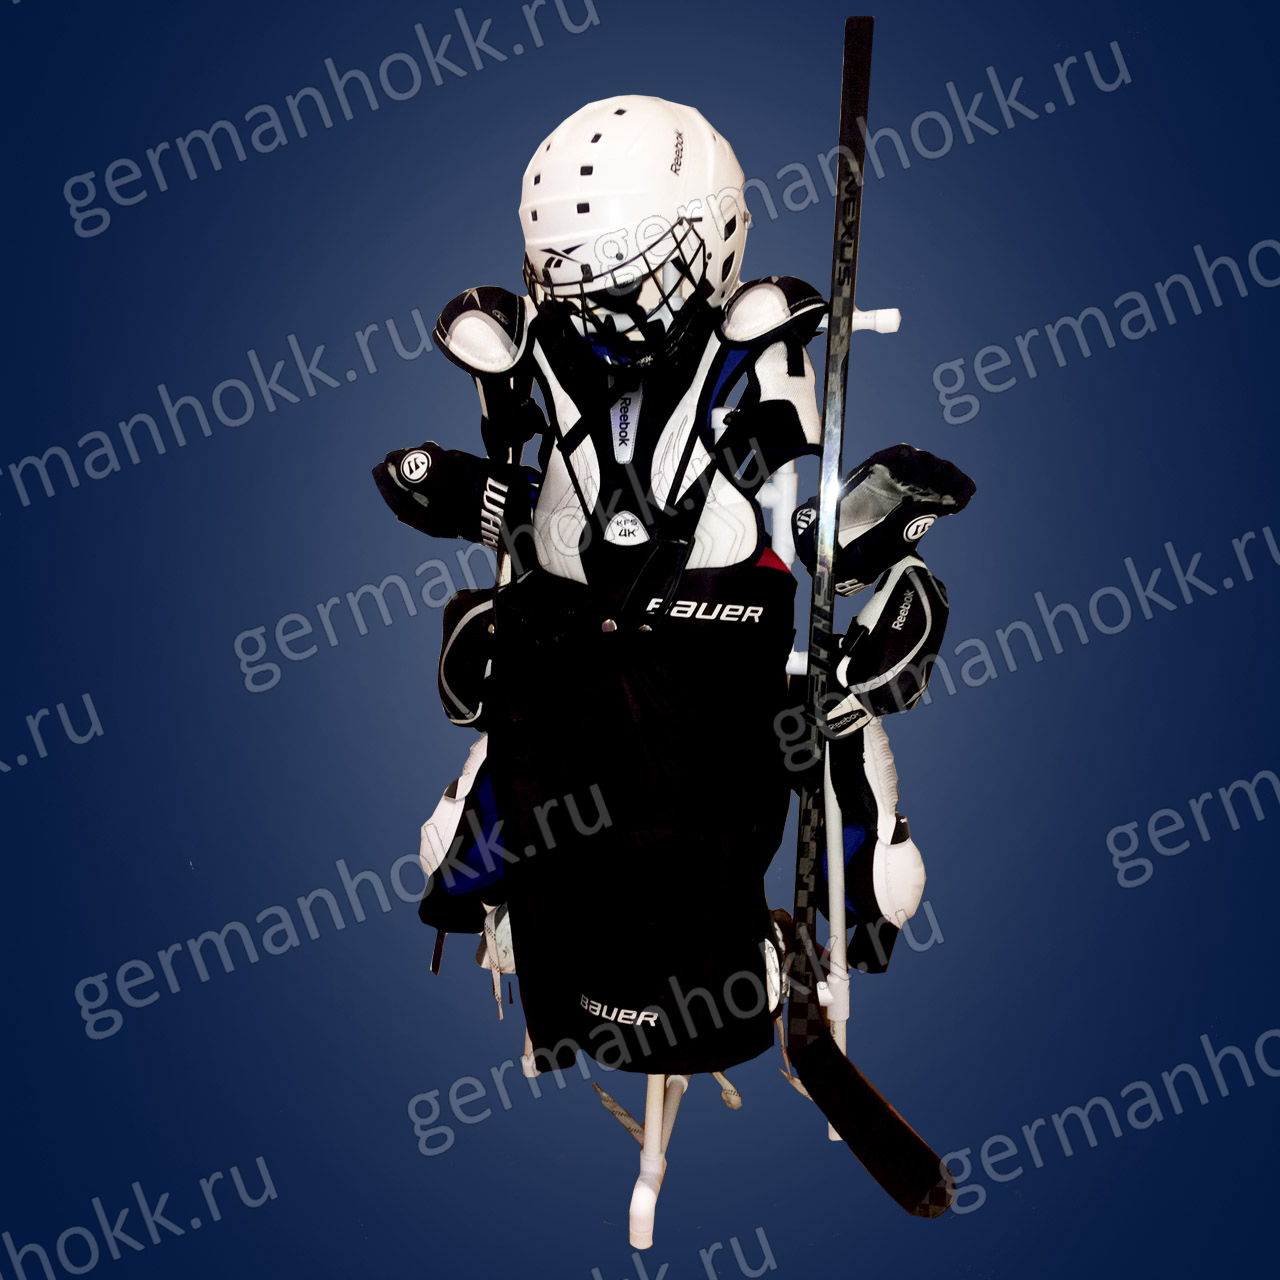 НАПОЛЬНАЯхоккейная сушилкадля домаот GermanHokkс хоккейной экипировкой